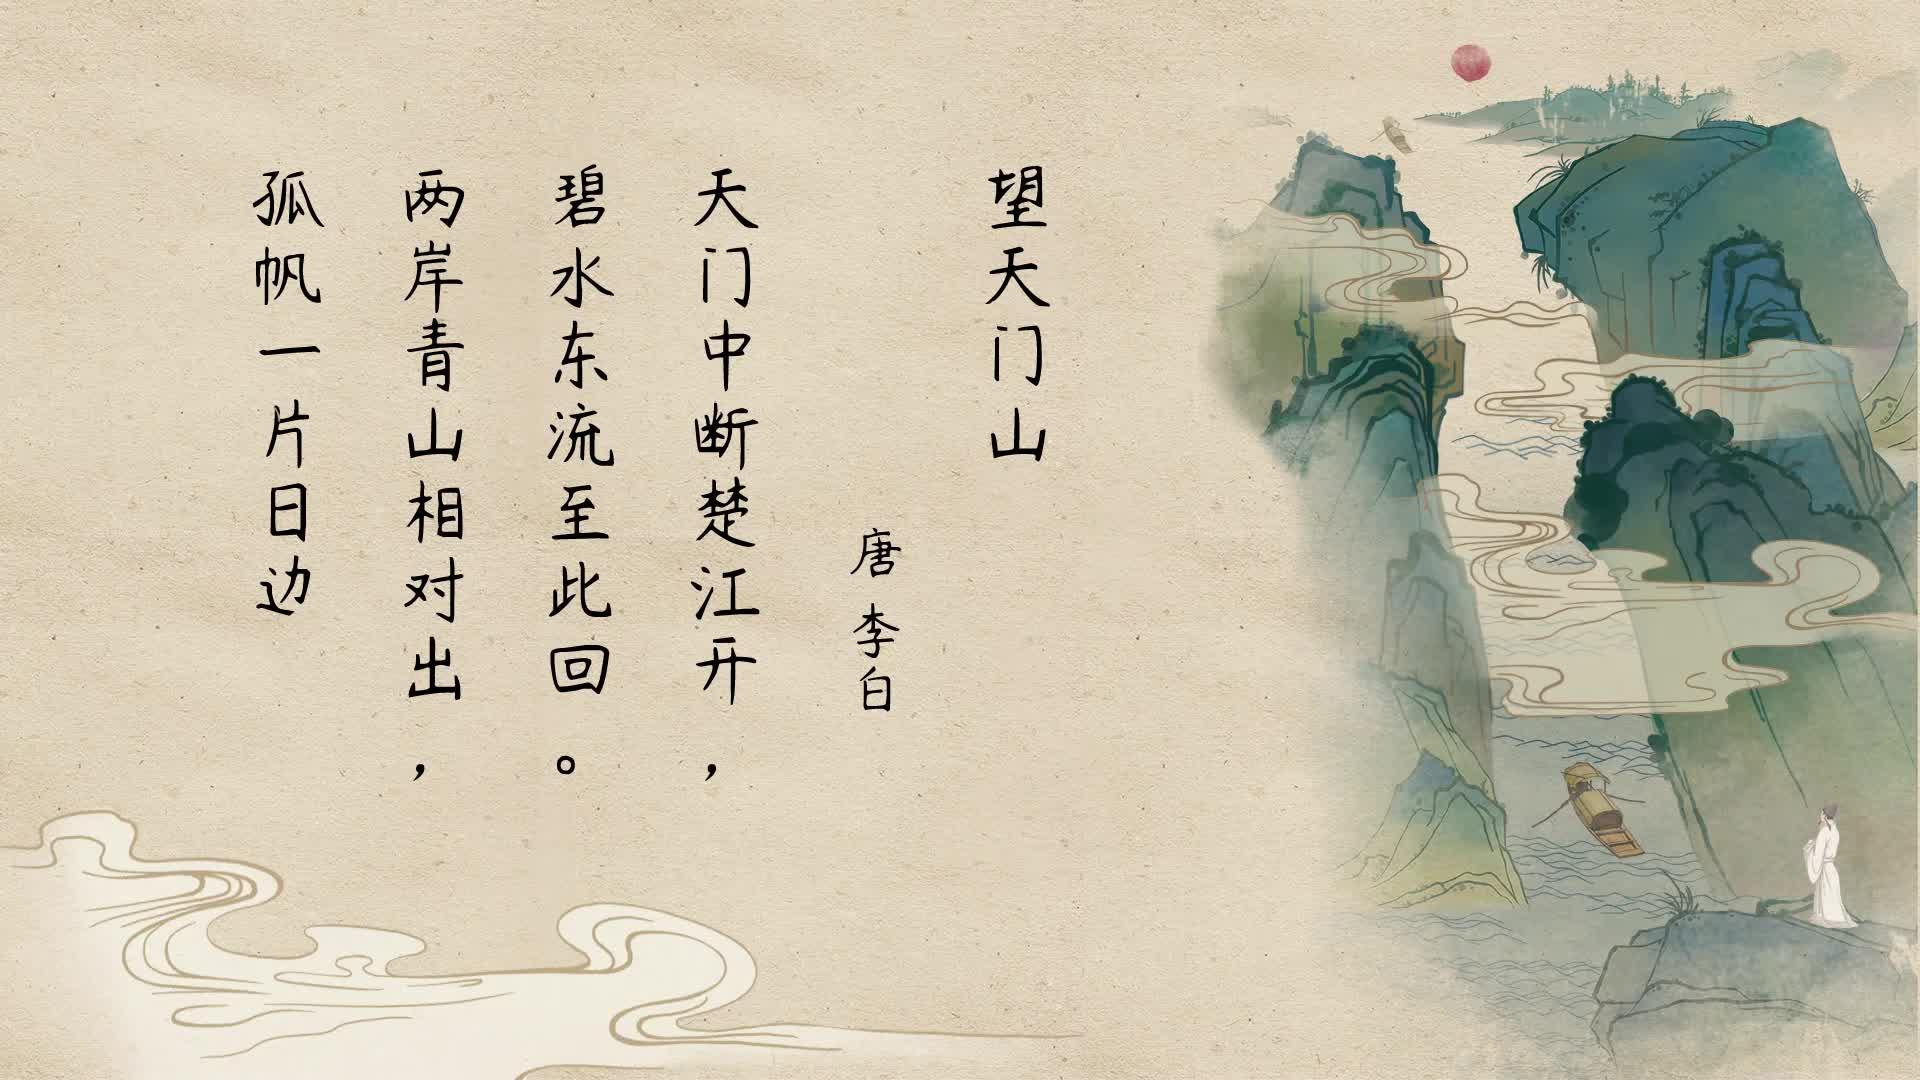 《小学古诗》31望天门山-唐 李白